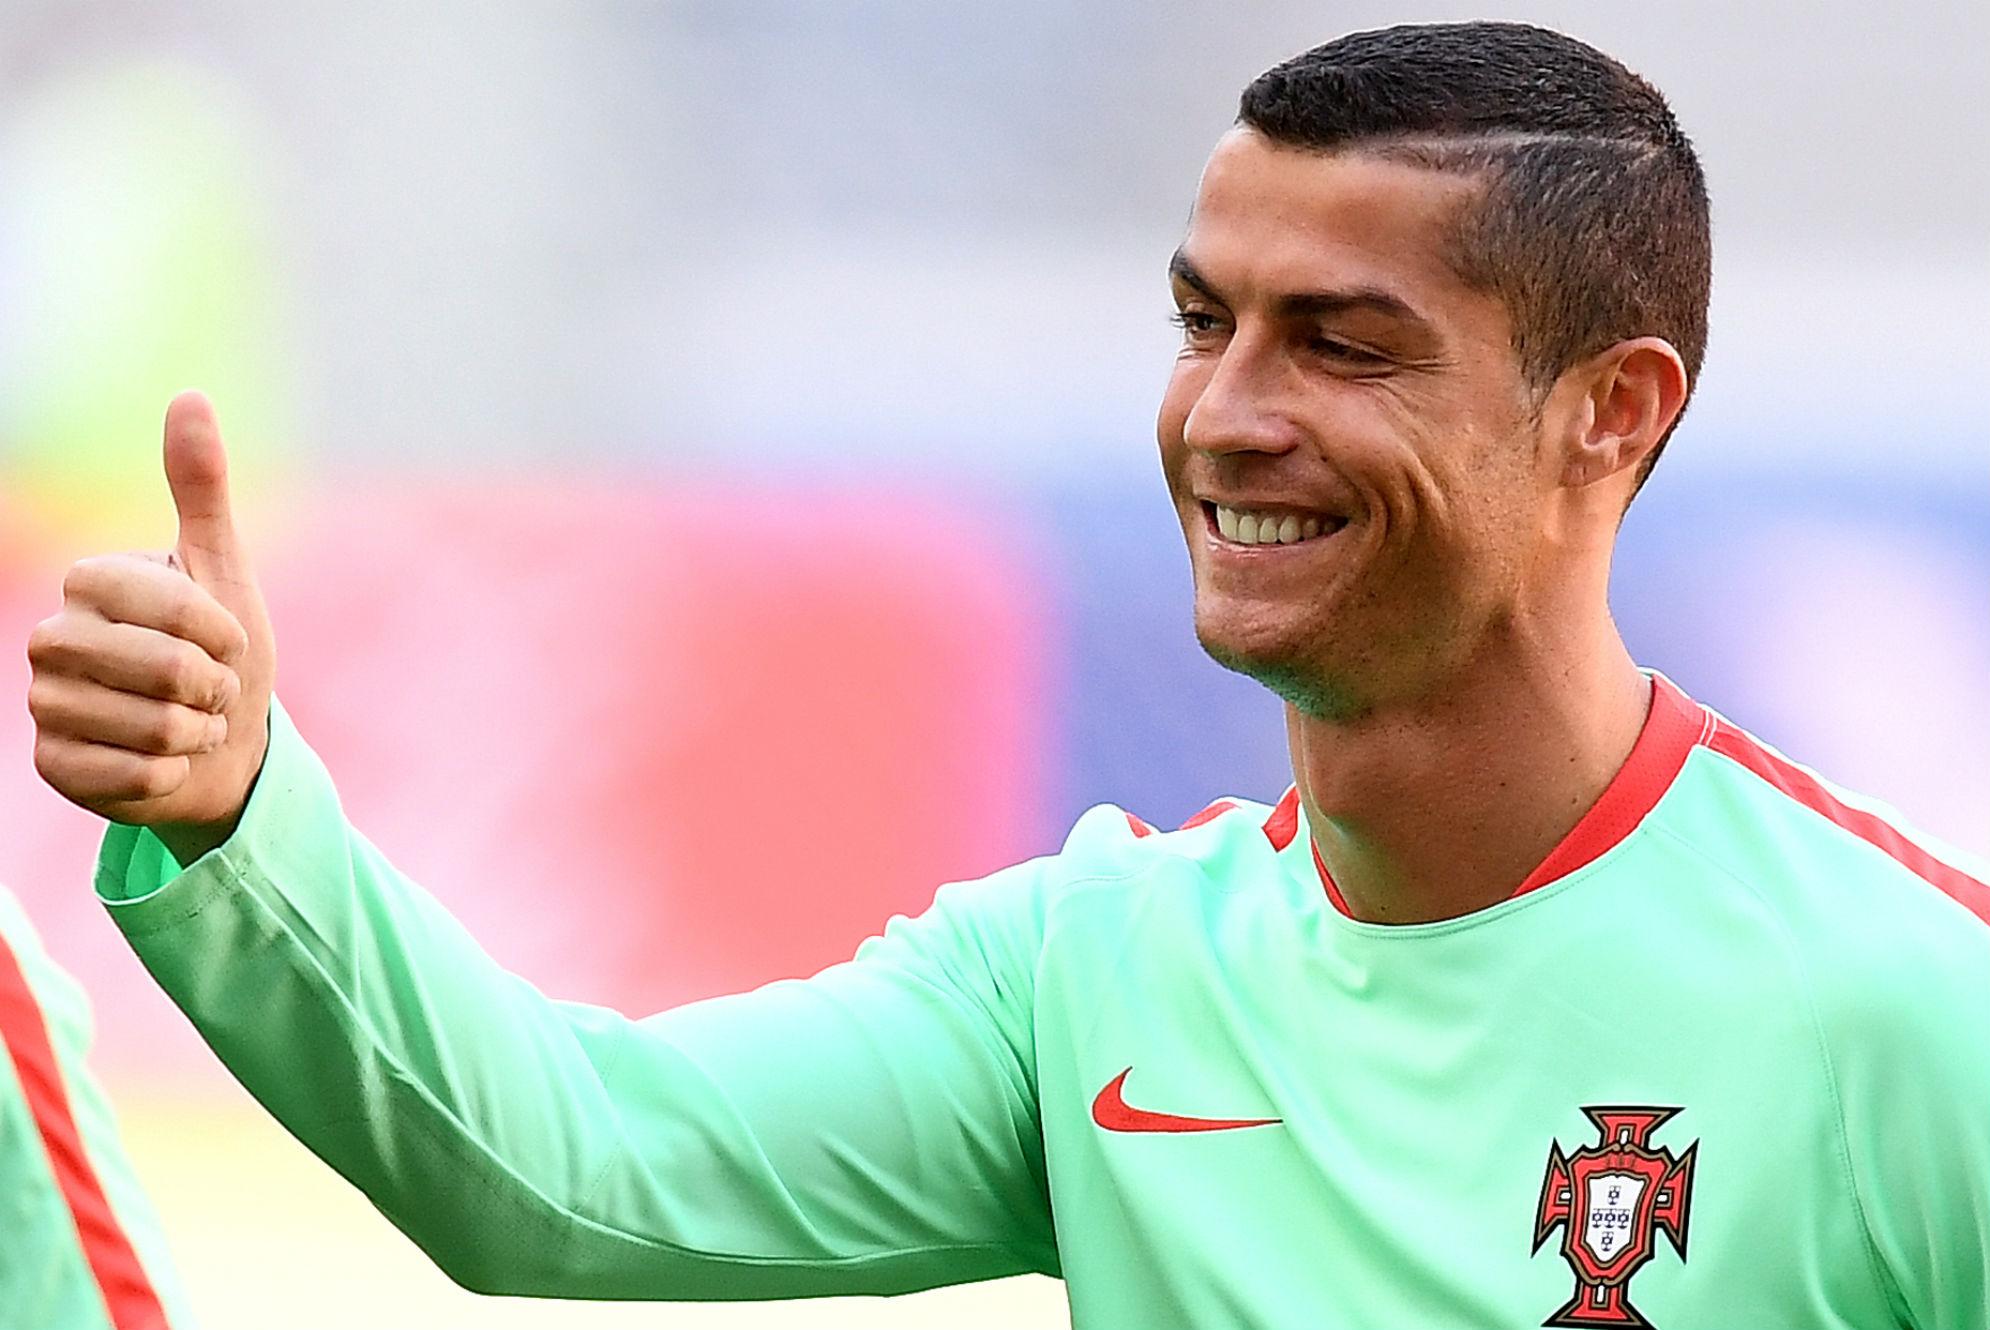 RETROSCENA | Milan, contatti con Mendes per Cristiano Ronaldo... Fantacalcio?